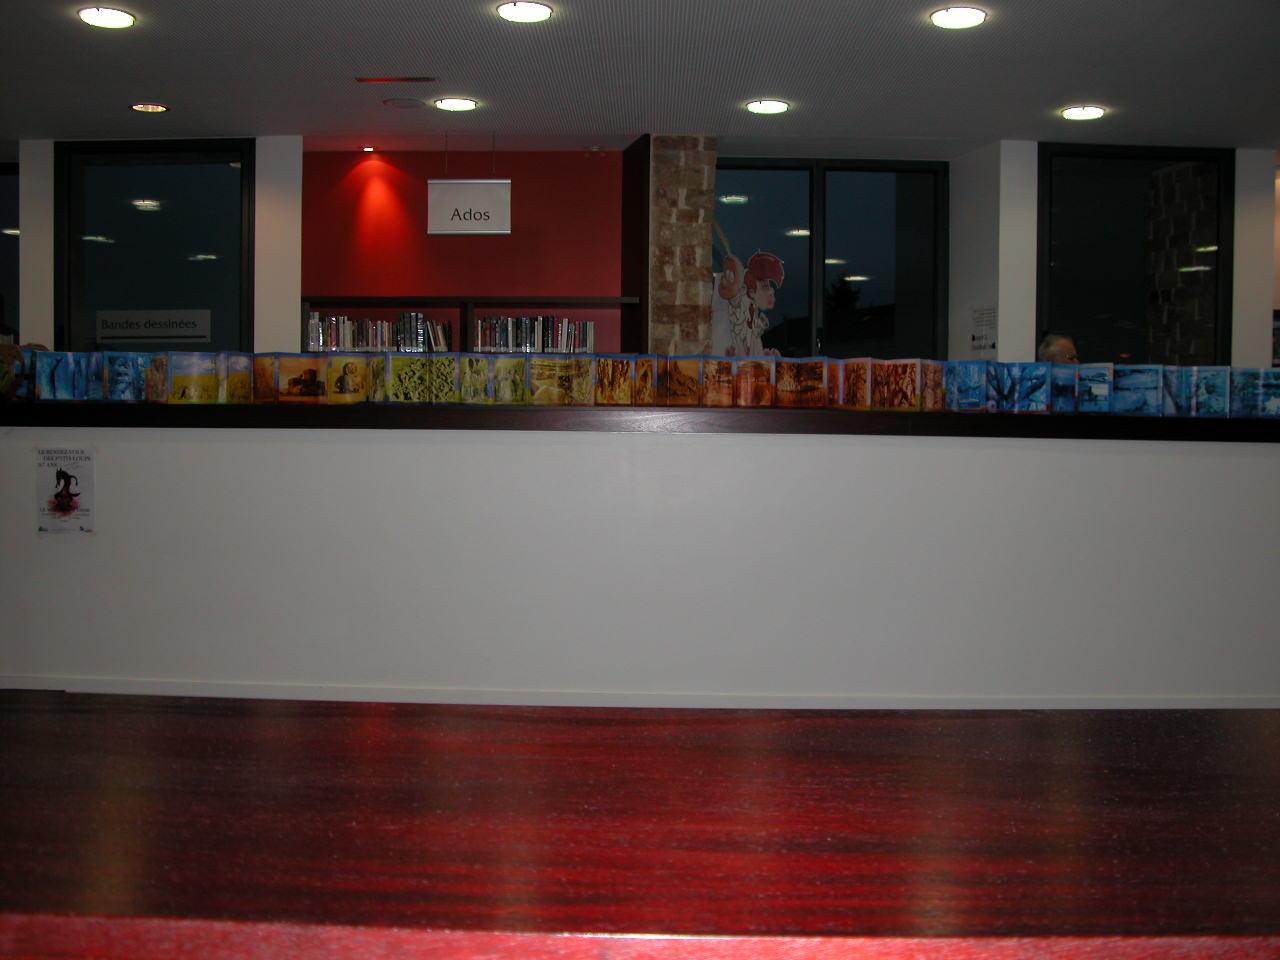 Livre Géant de 13 mètres  2 ( installation in Situ médiathèque )